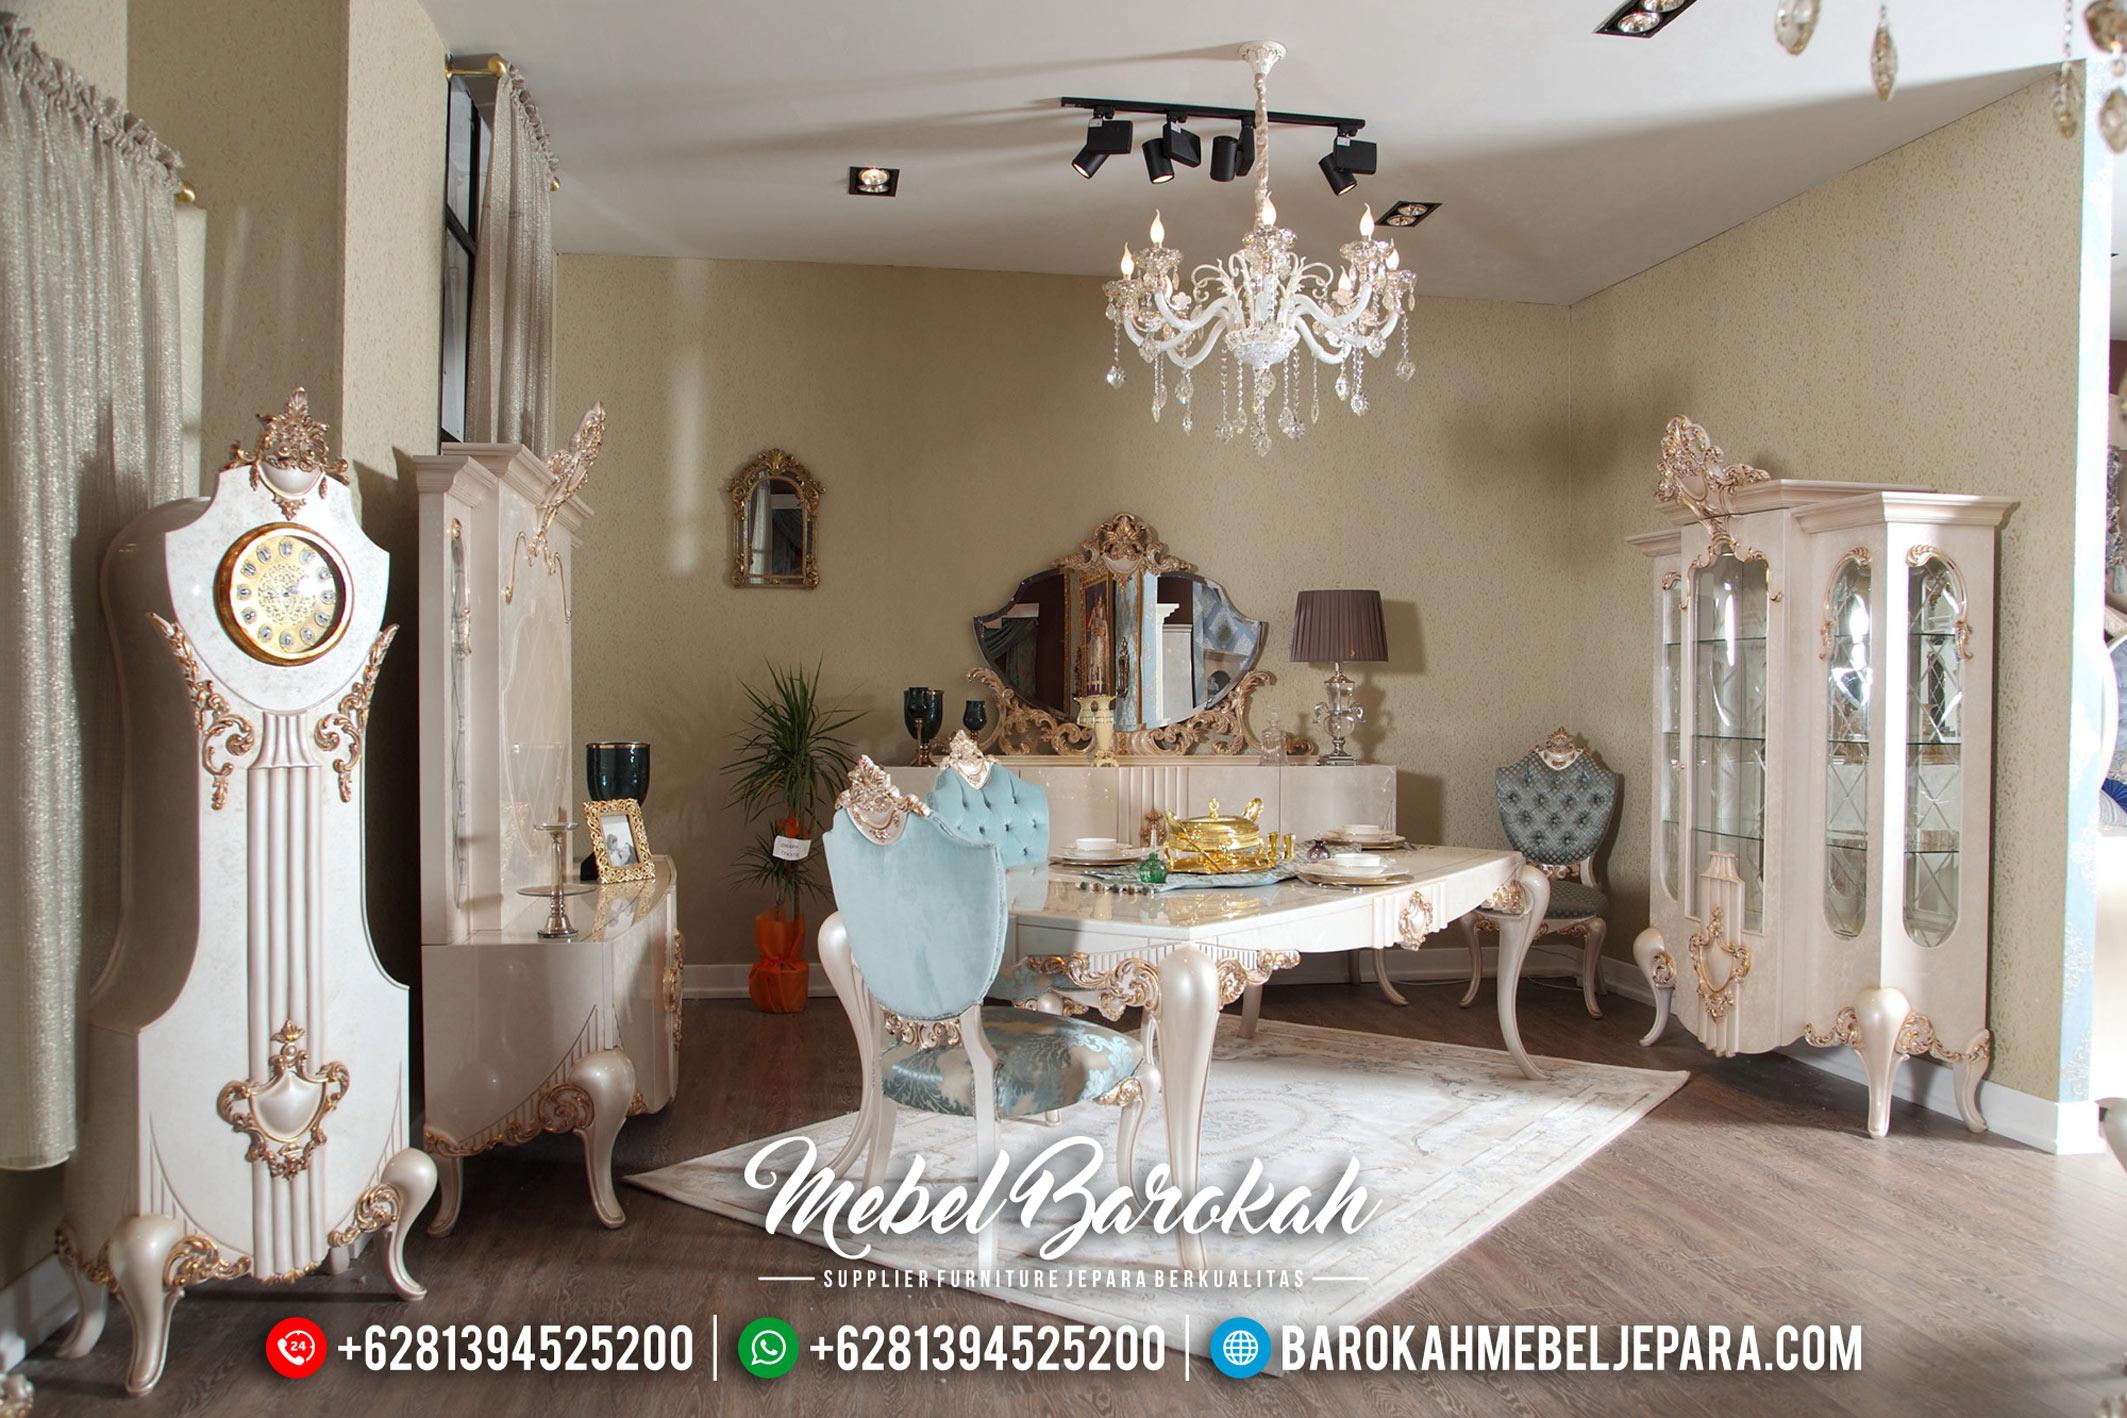 Mebel Jepara Terbaru Meja Makan Mewah Full Interior Design 2020 MB-0405